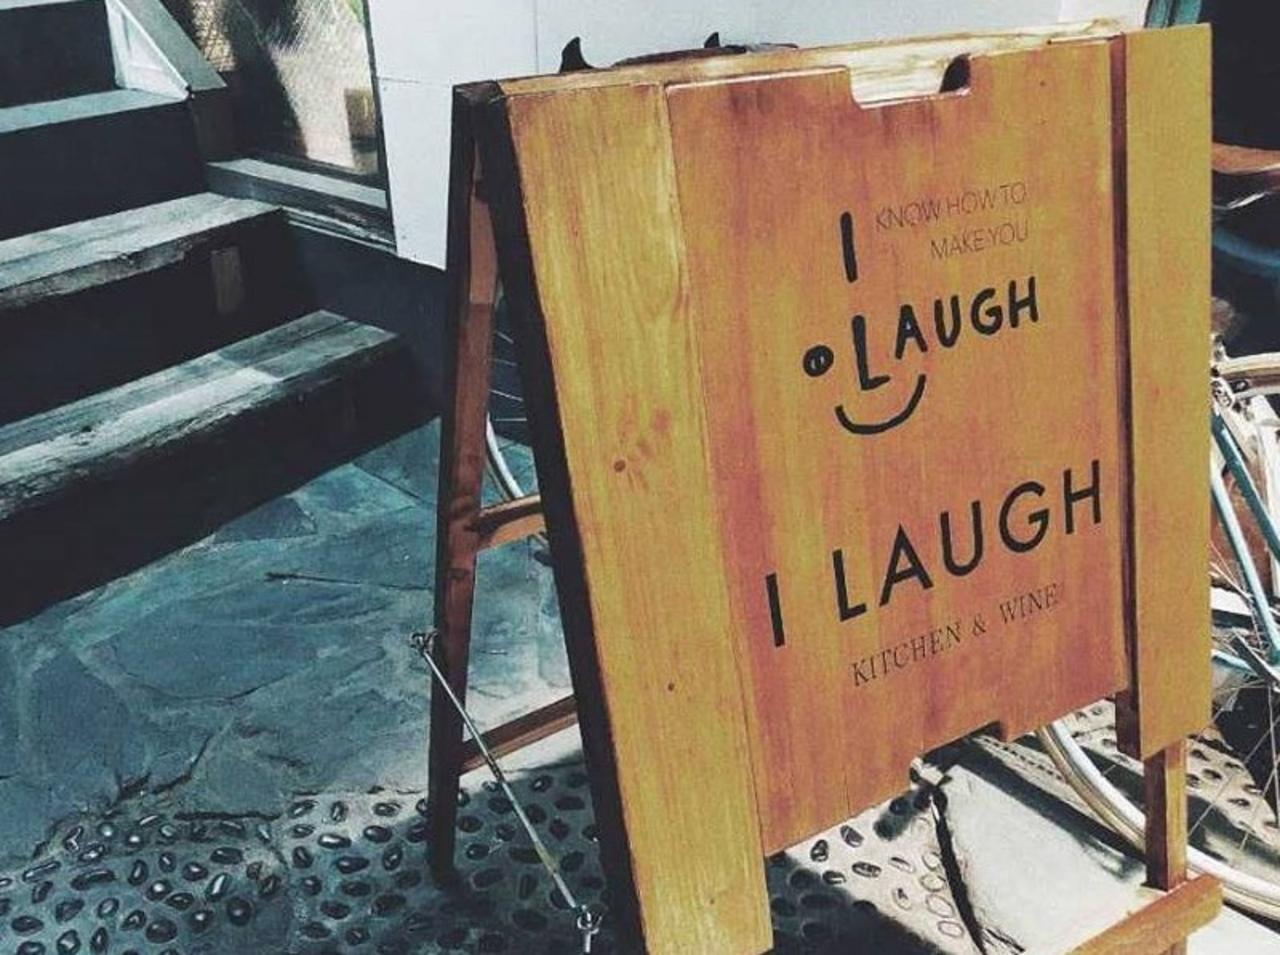 笑って楽しいお酒の時間...東京都品川区荏原5丁目のワイン&キッチン「アイラフ」